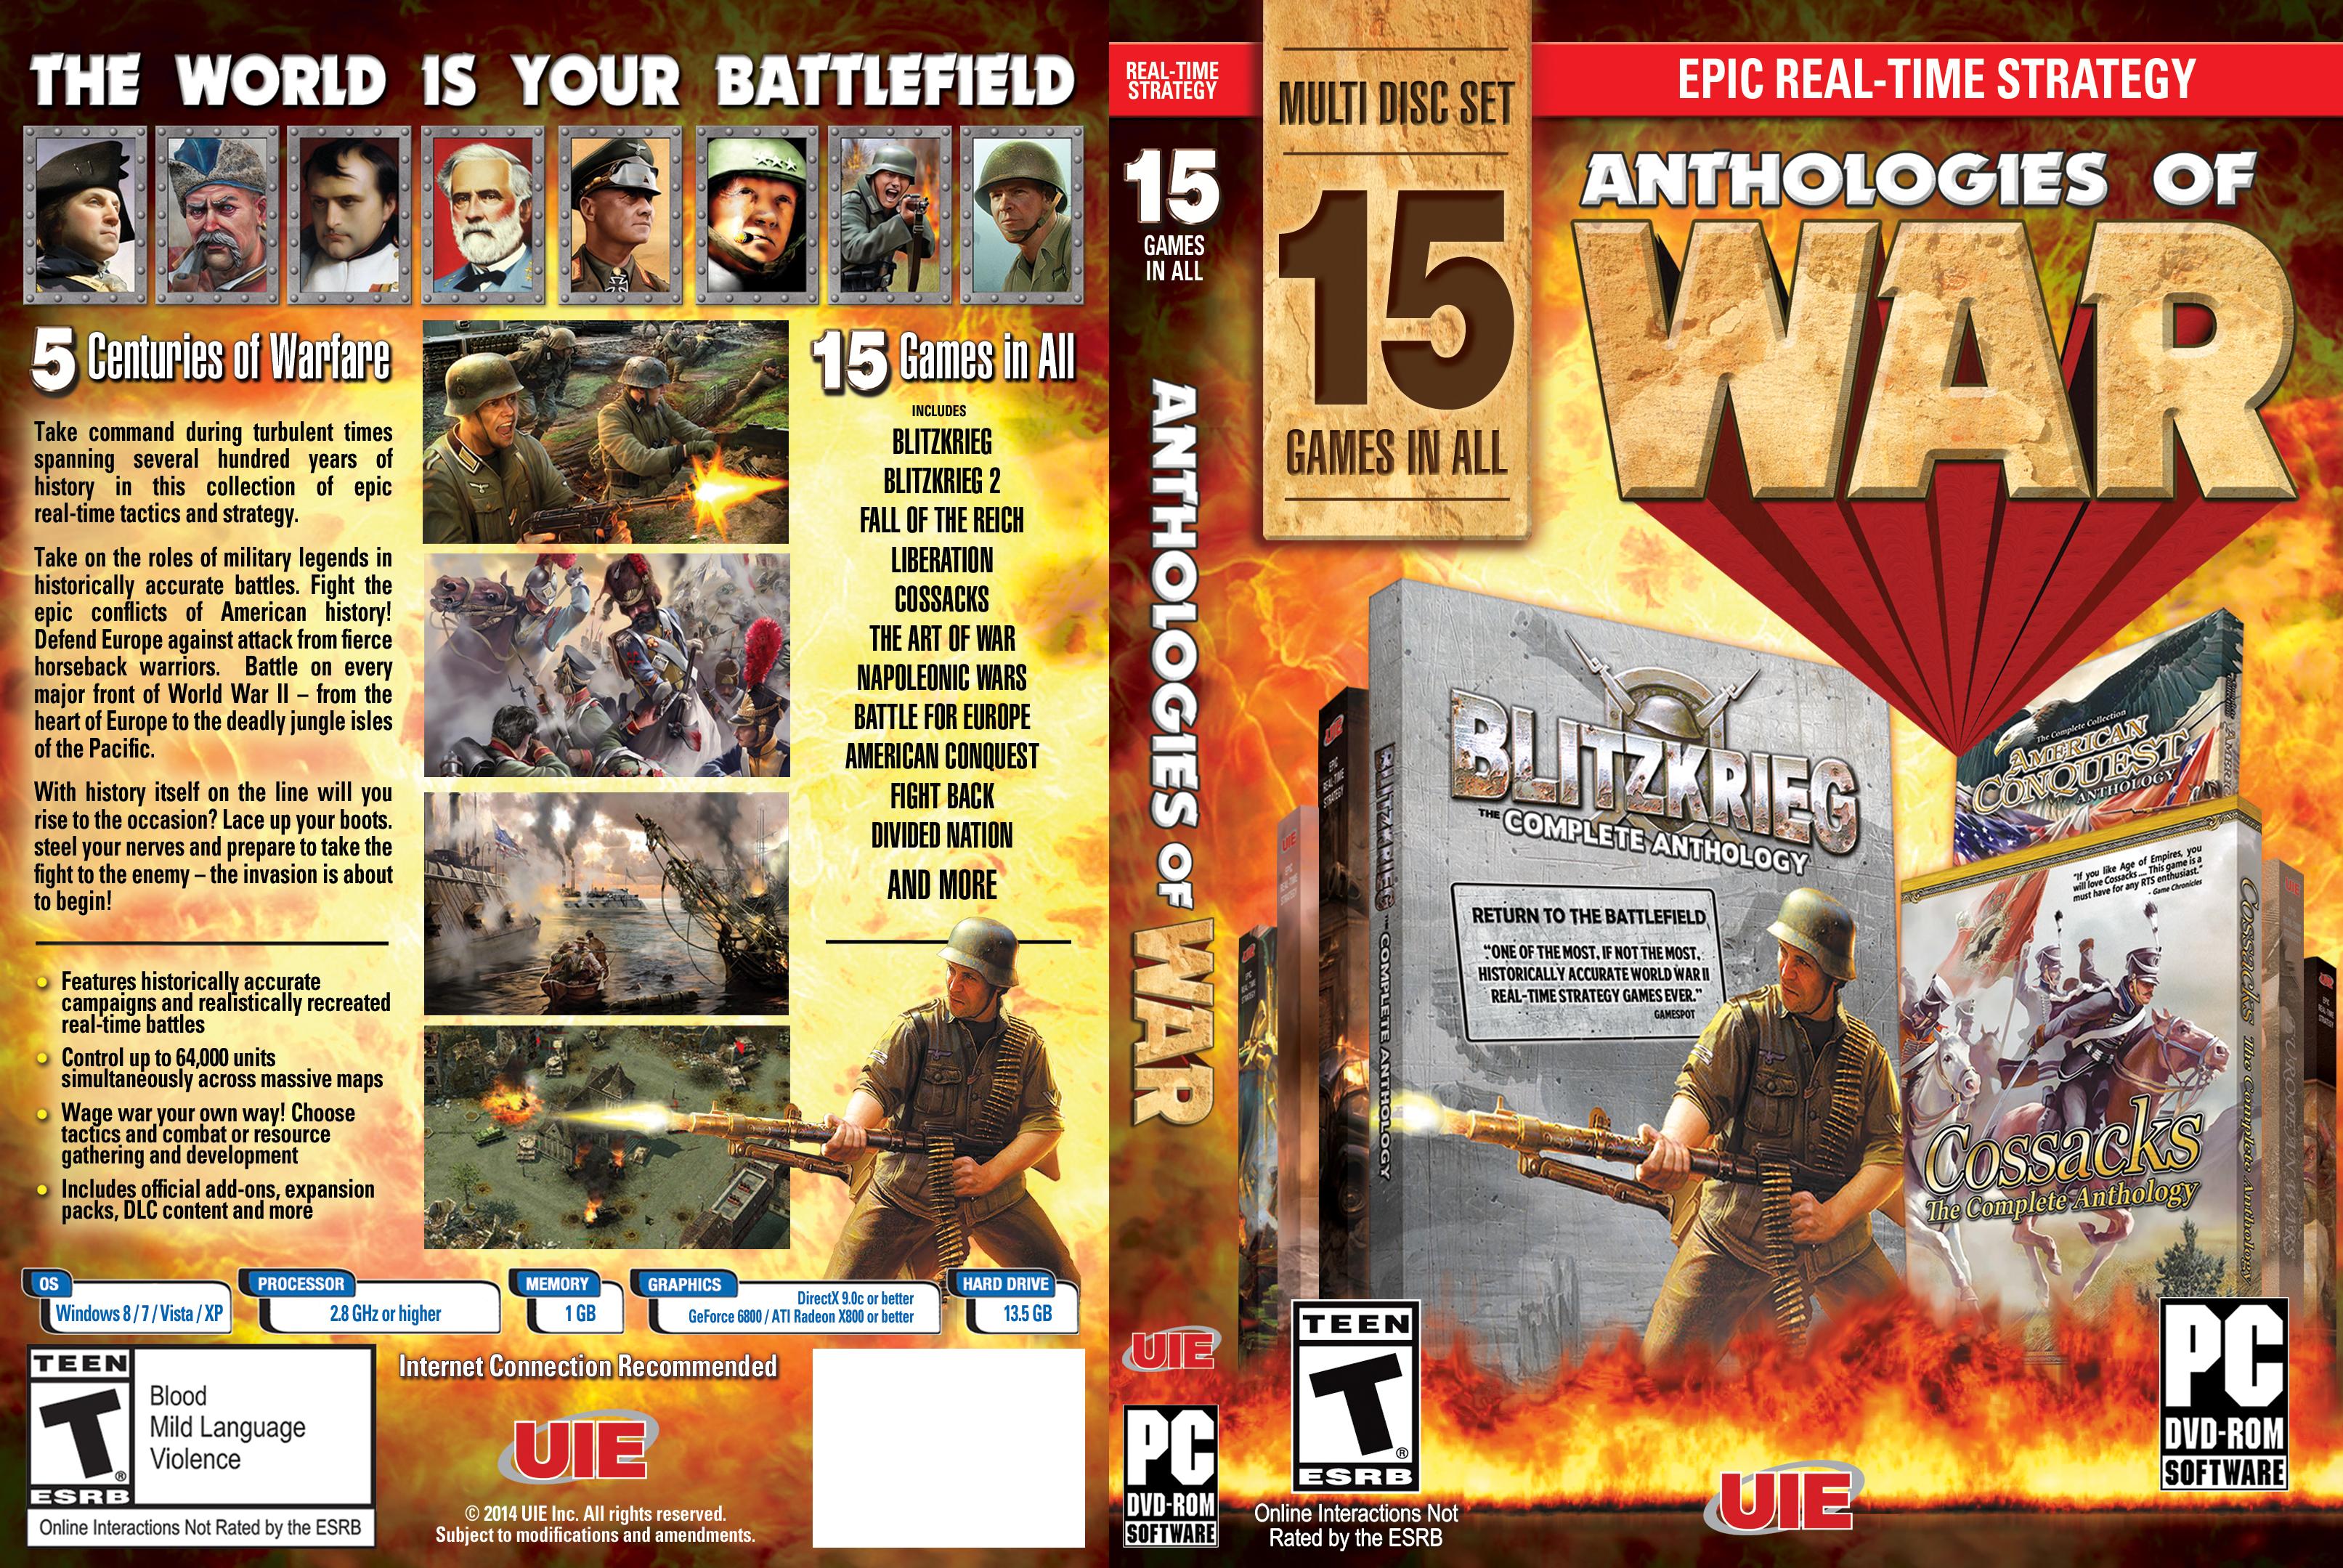 Anthologies of War Panels